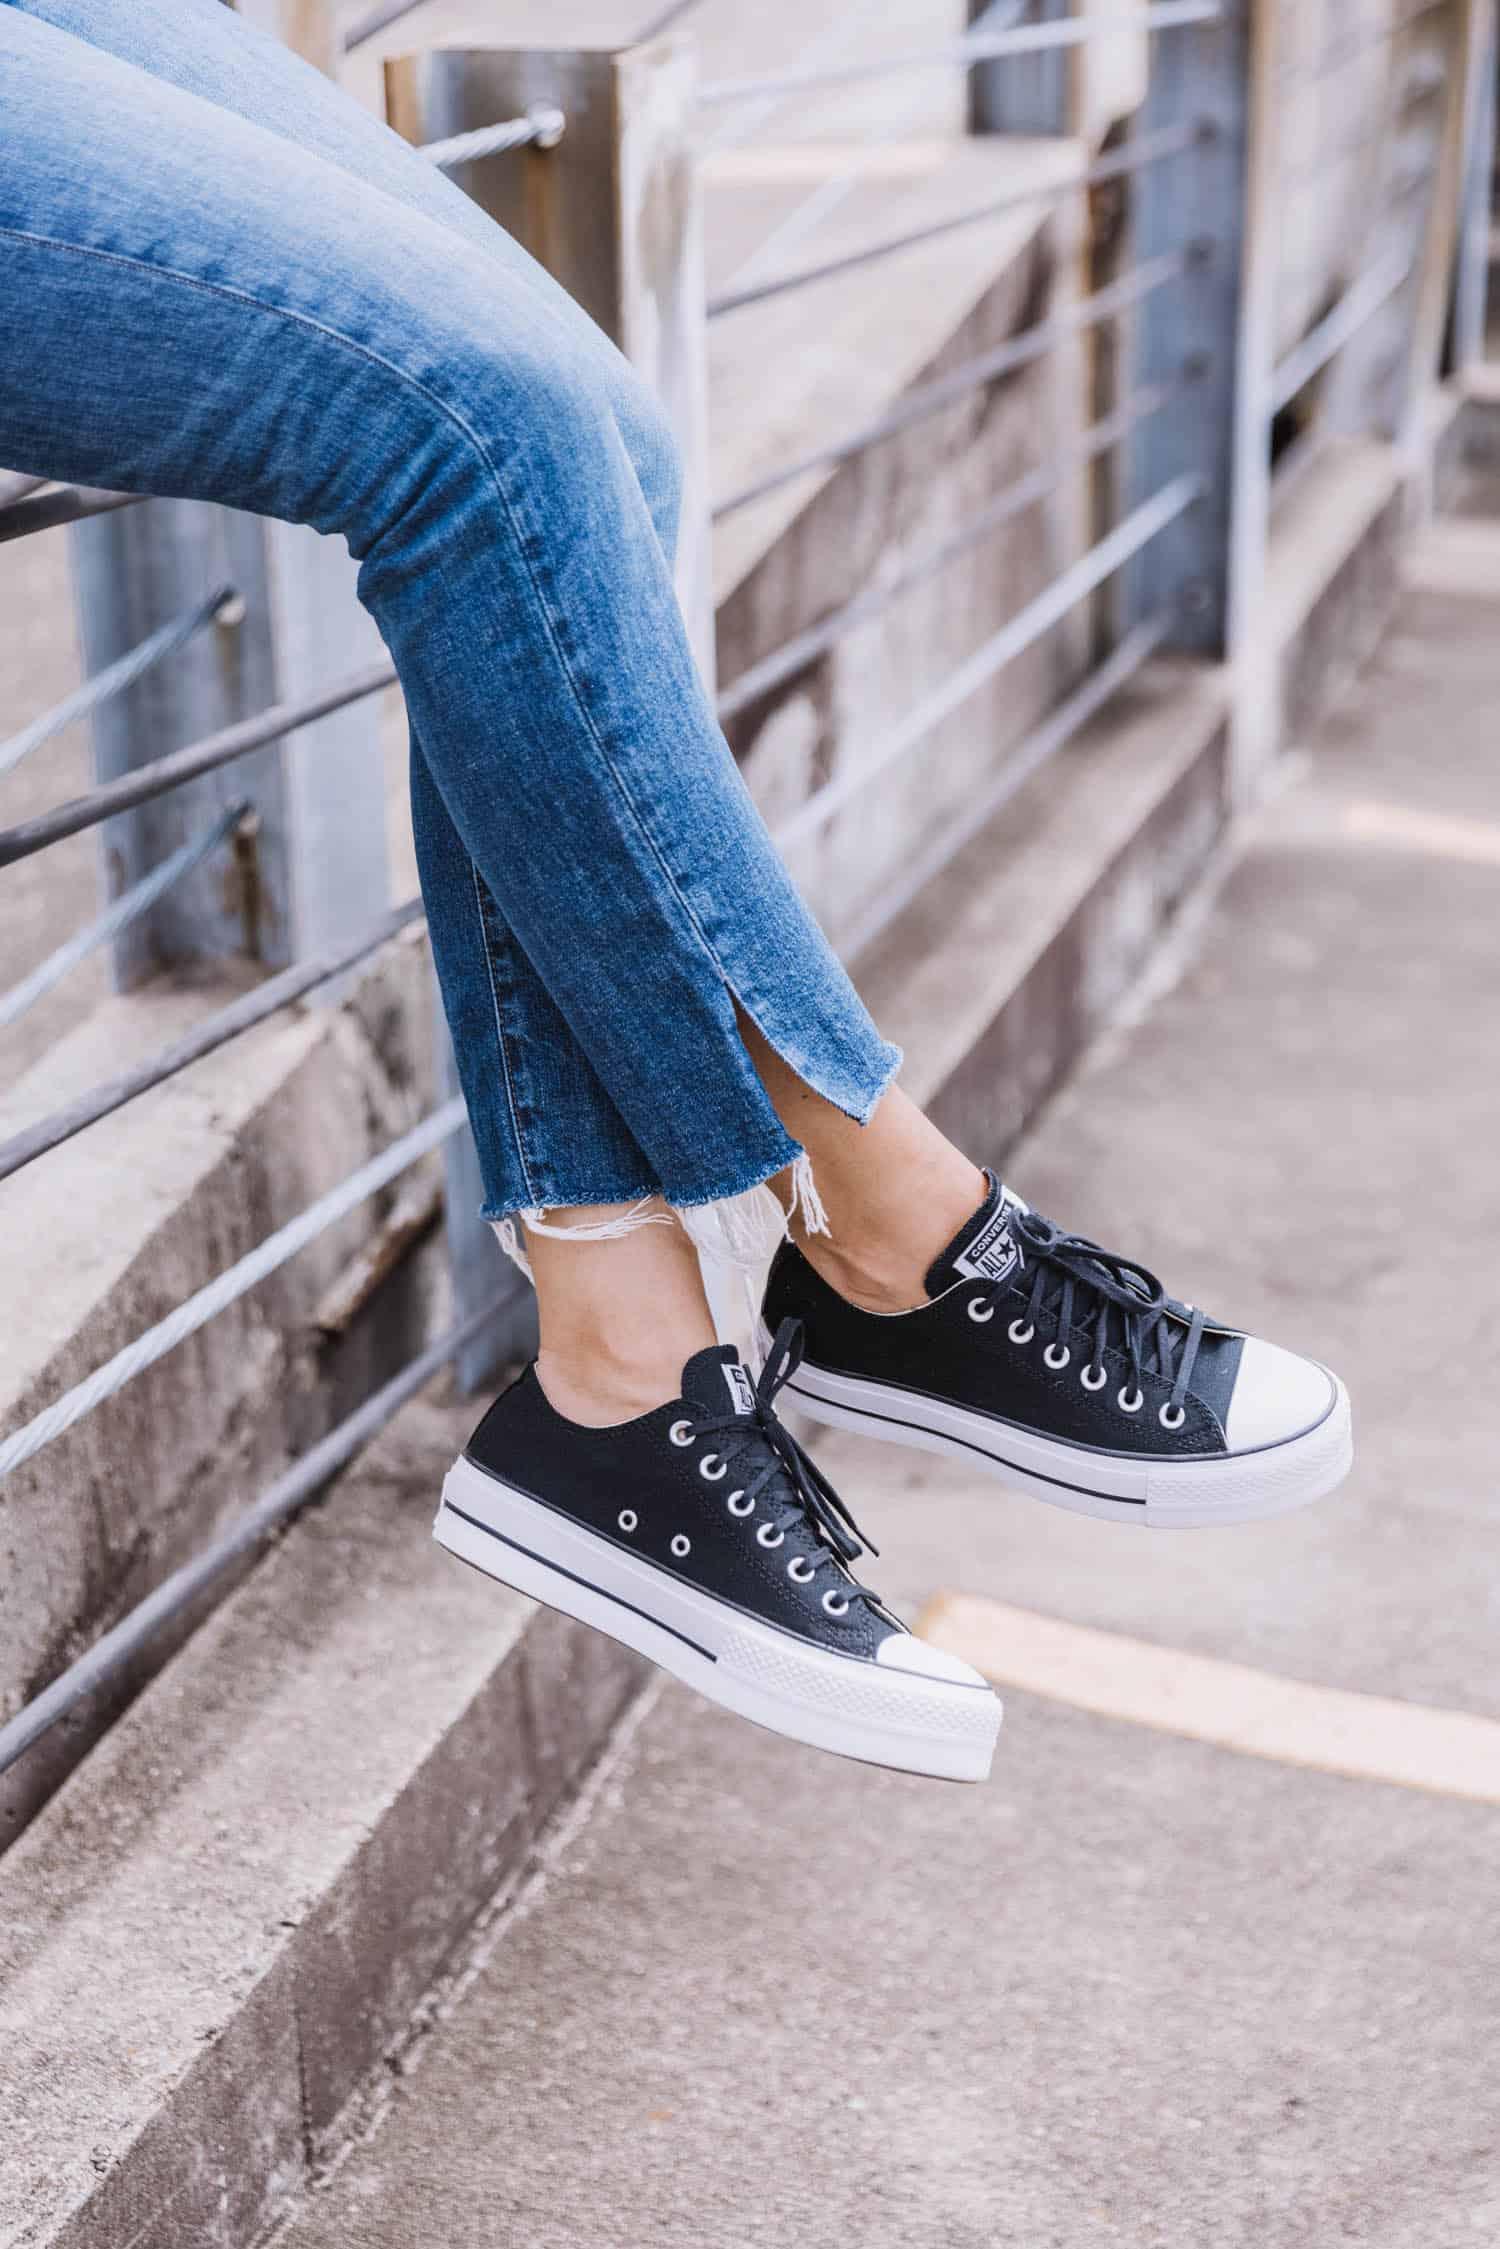 10 Best Platform Sneakers For Women